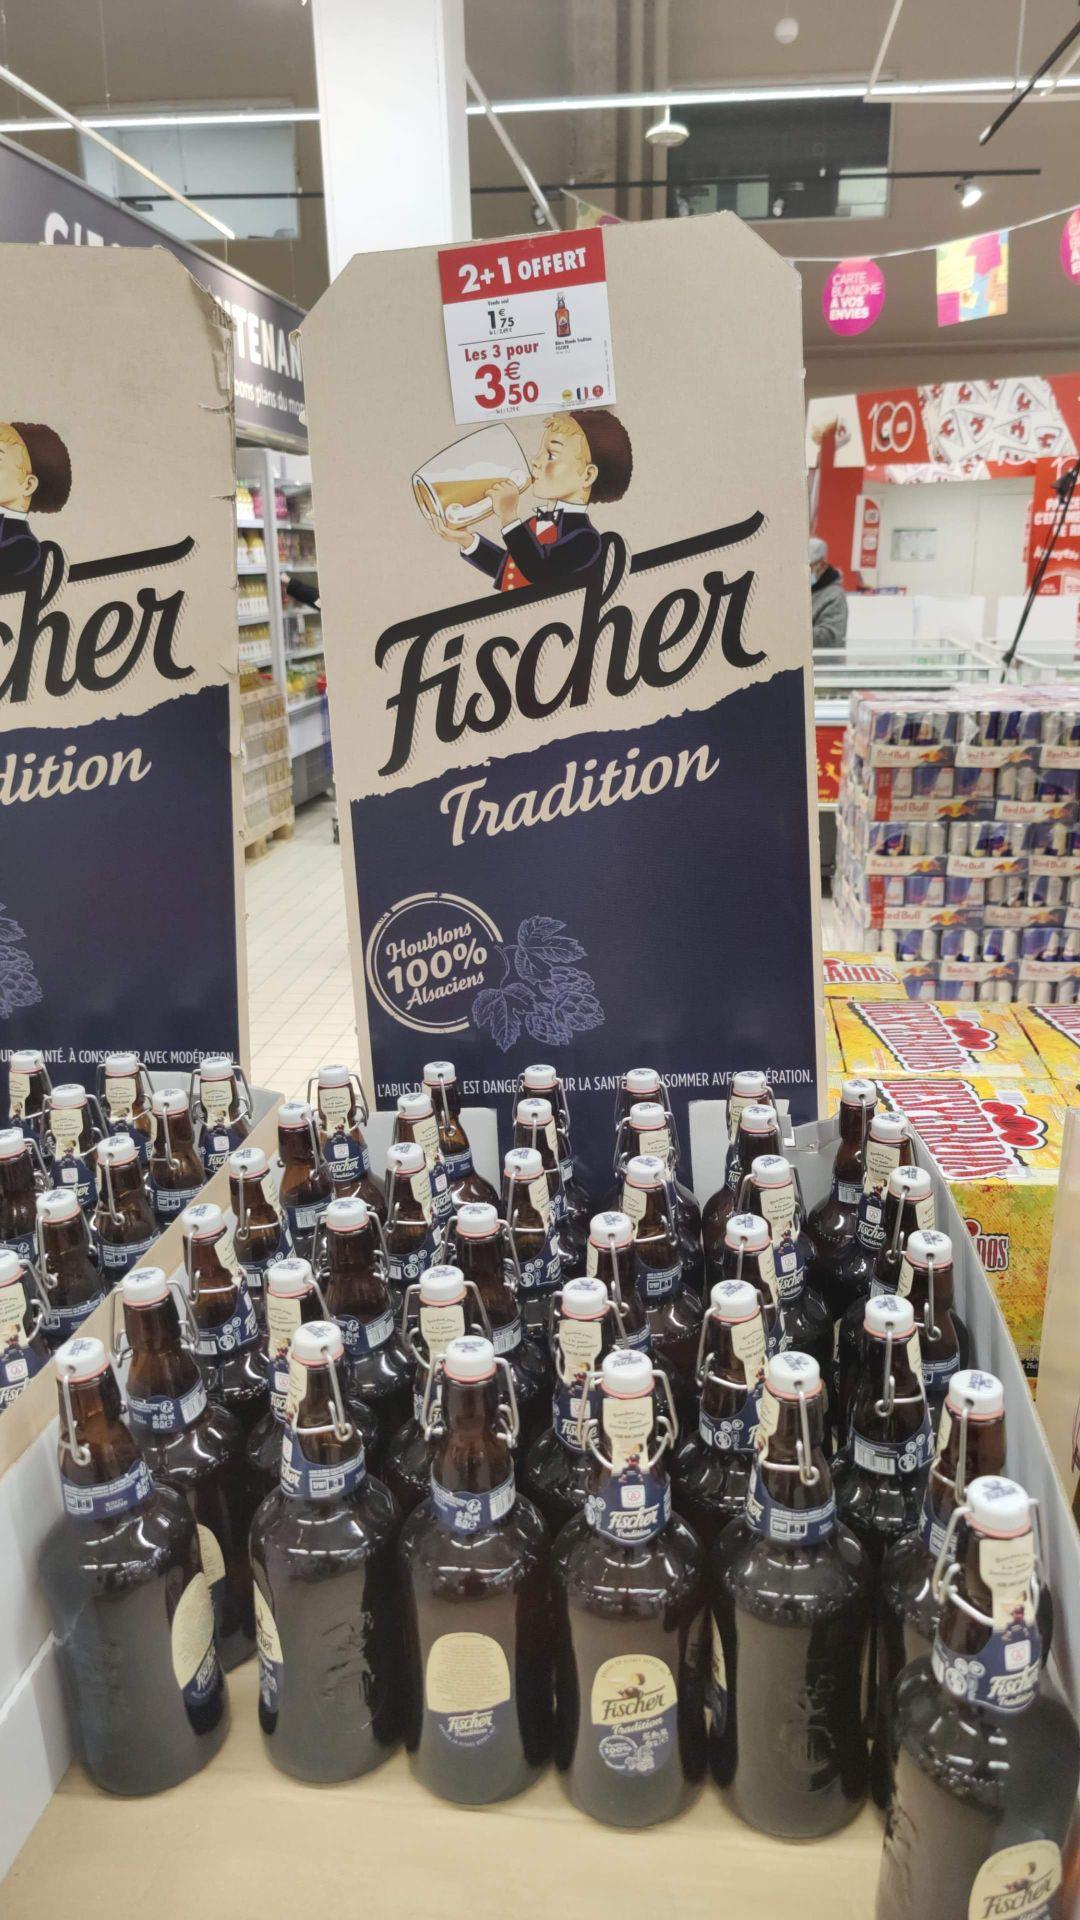 Lot de 3 bouteilles de Bière Fischer